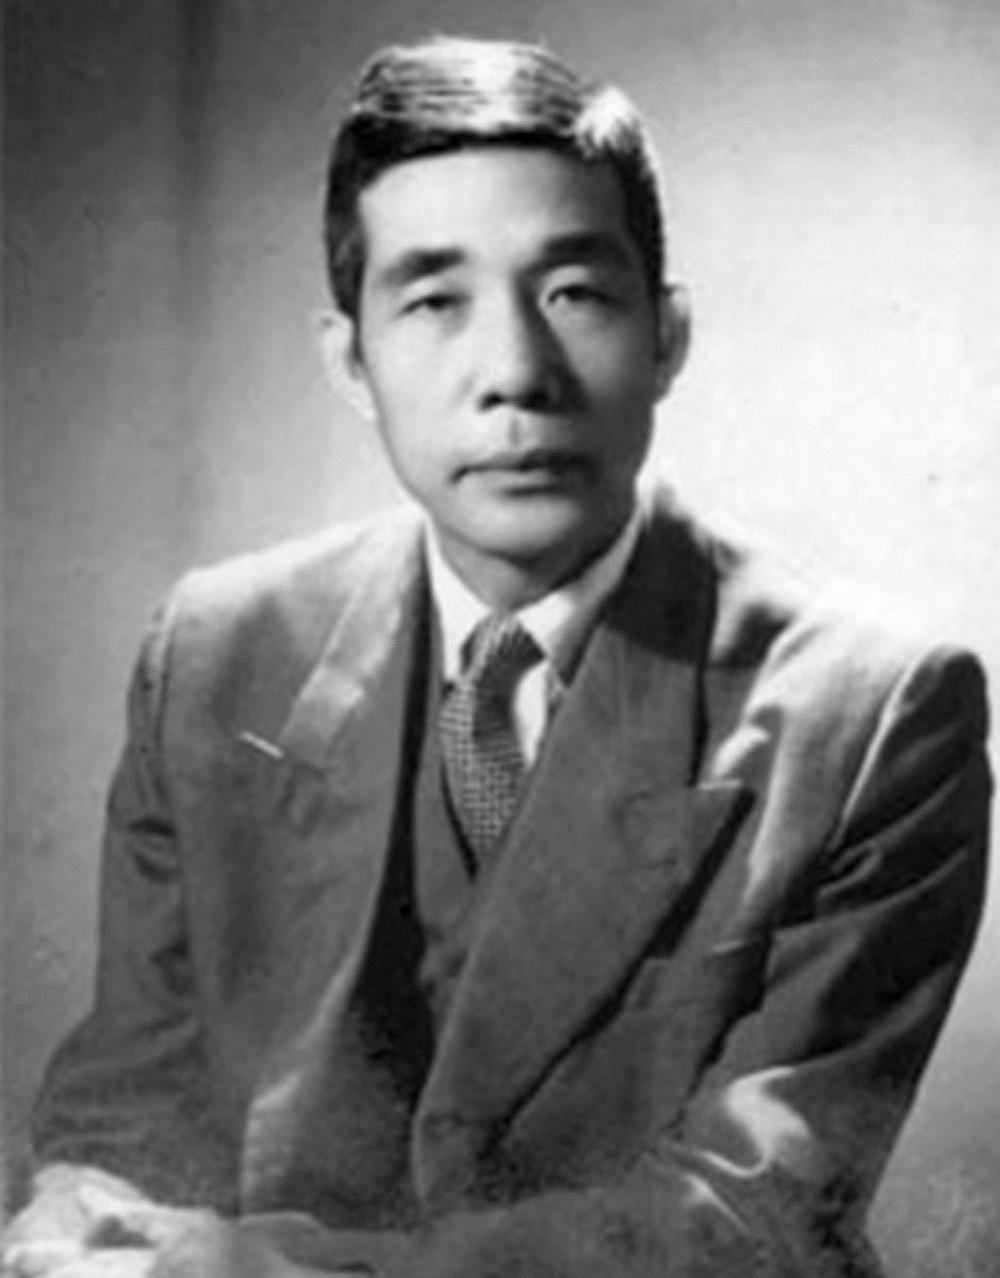 Trong lời tỏ tình, nhà văn Nguyễn Huy Tưởng vẫn nhớ về Hà Nội. Ảnh: Tư liệu